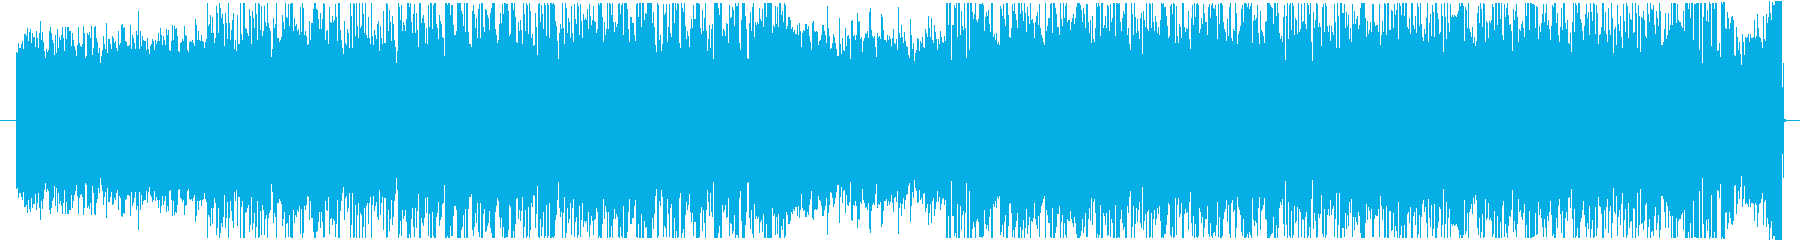 軽快なシンセアルペジオ、戦闘曲風の再生済みの波形